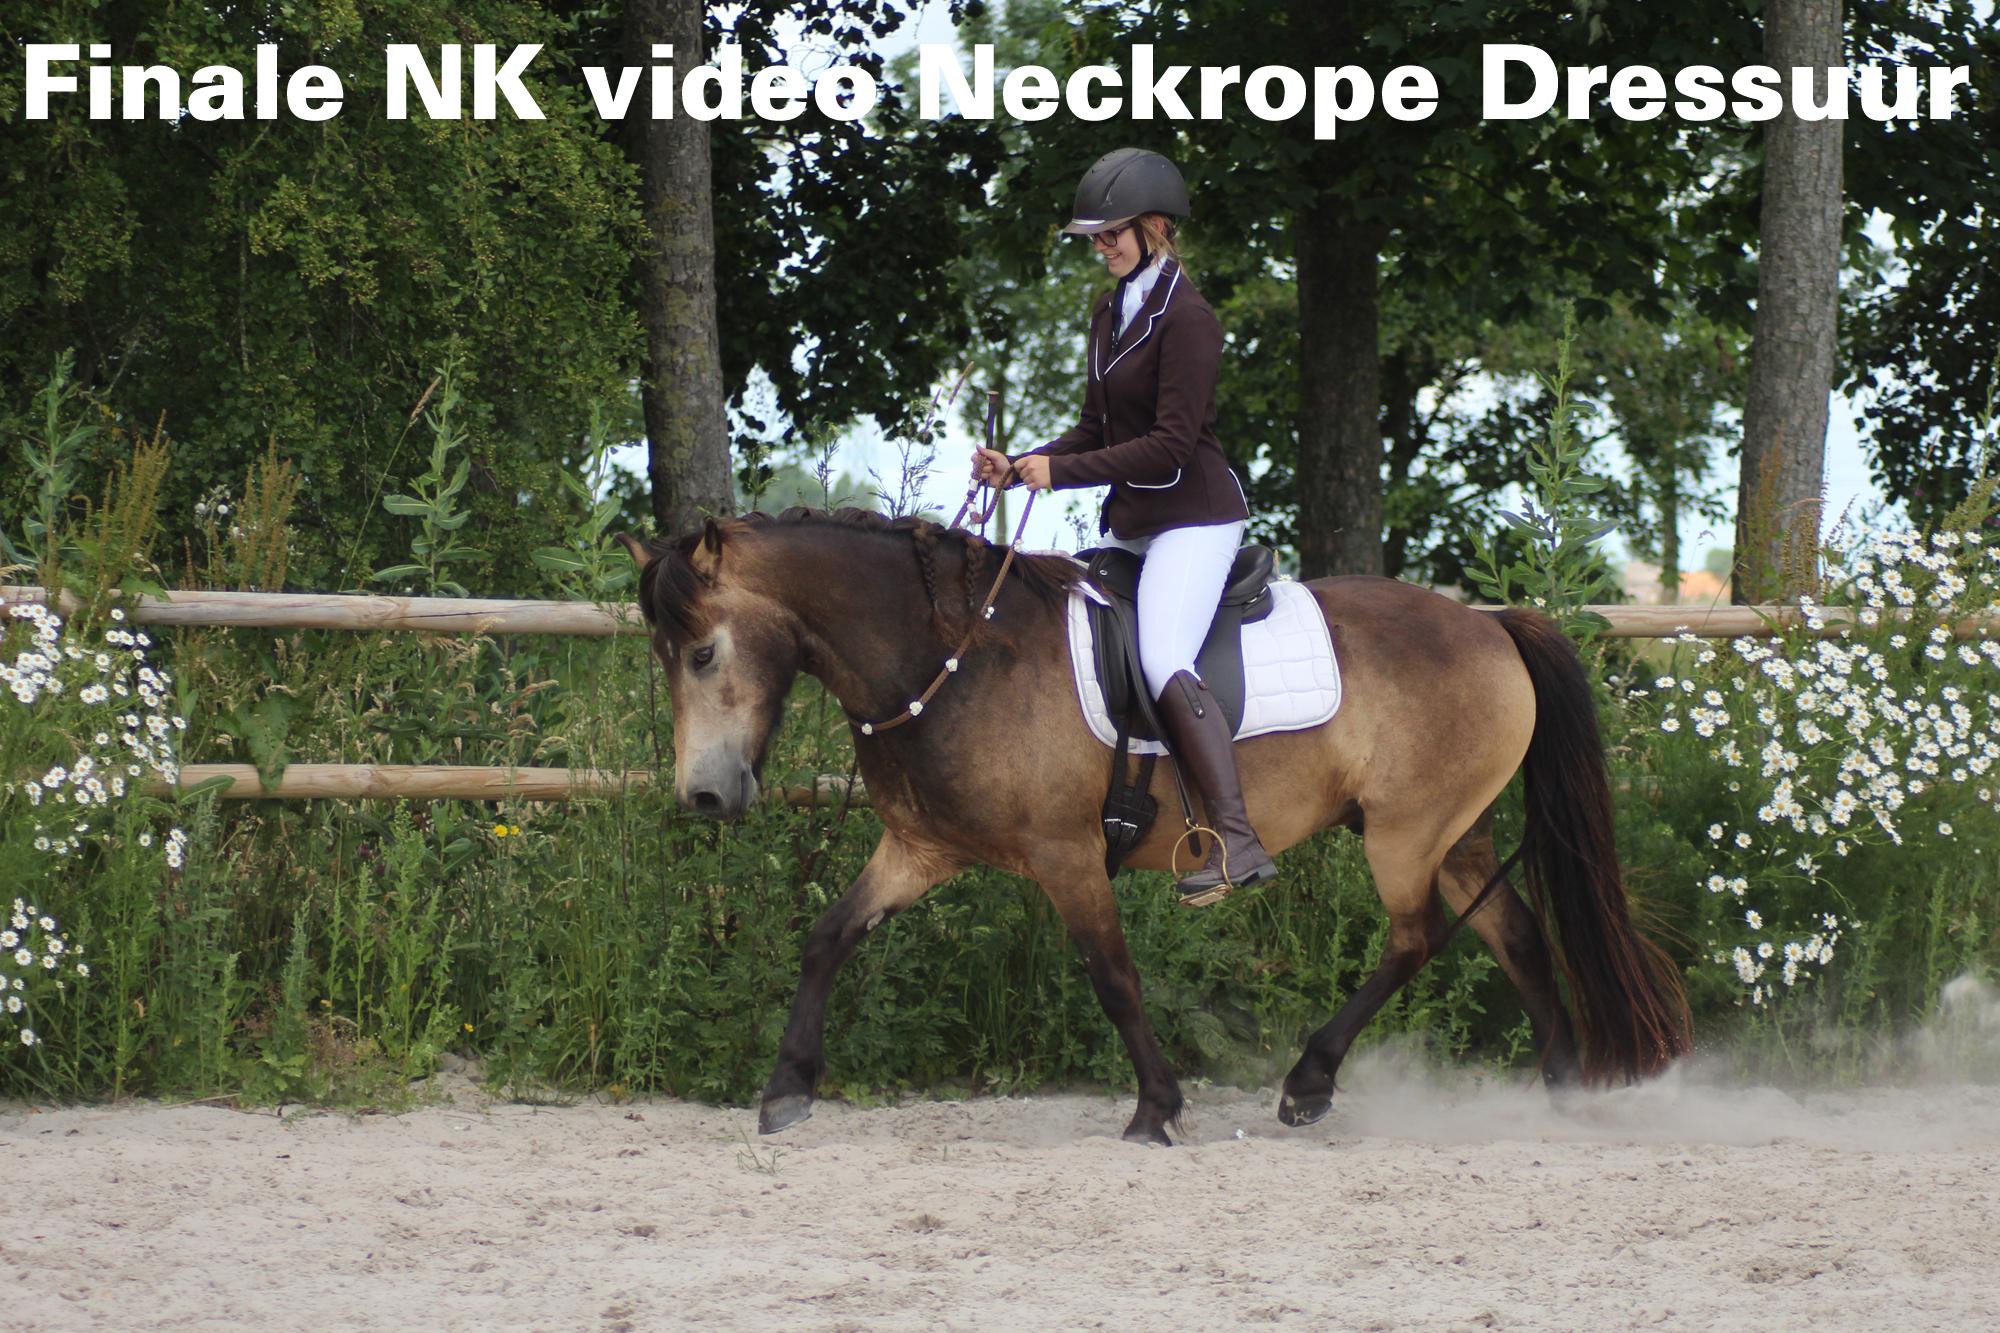 NK Neckrope